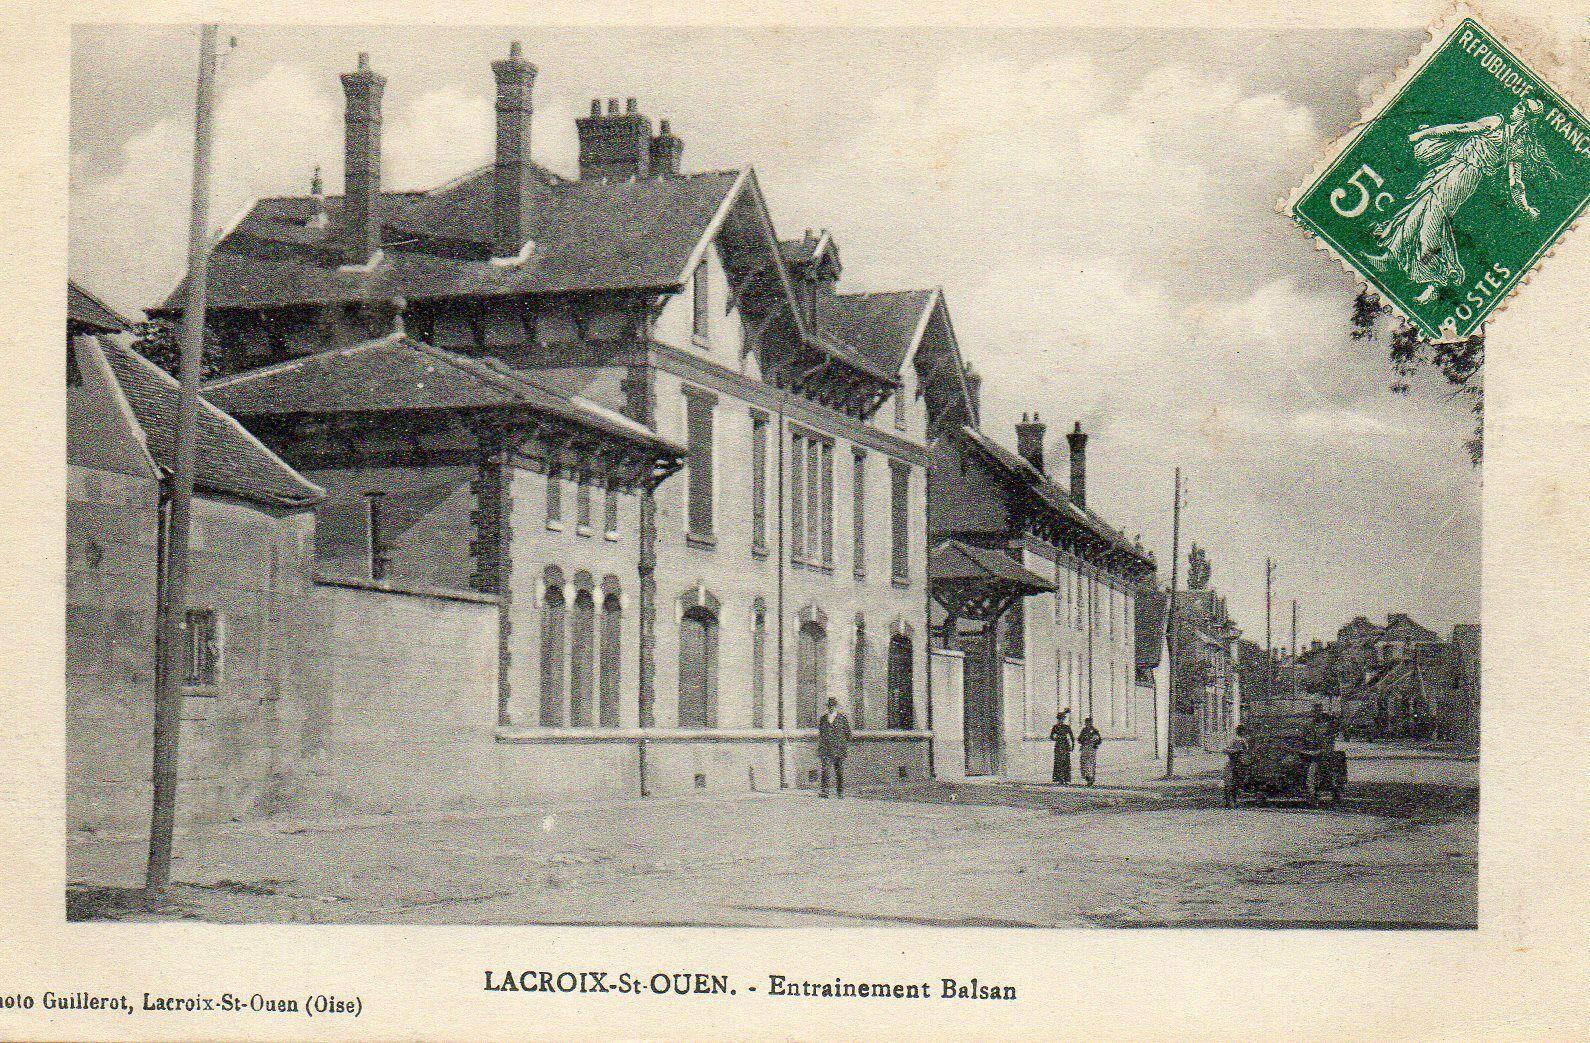 Lacoix